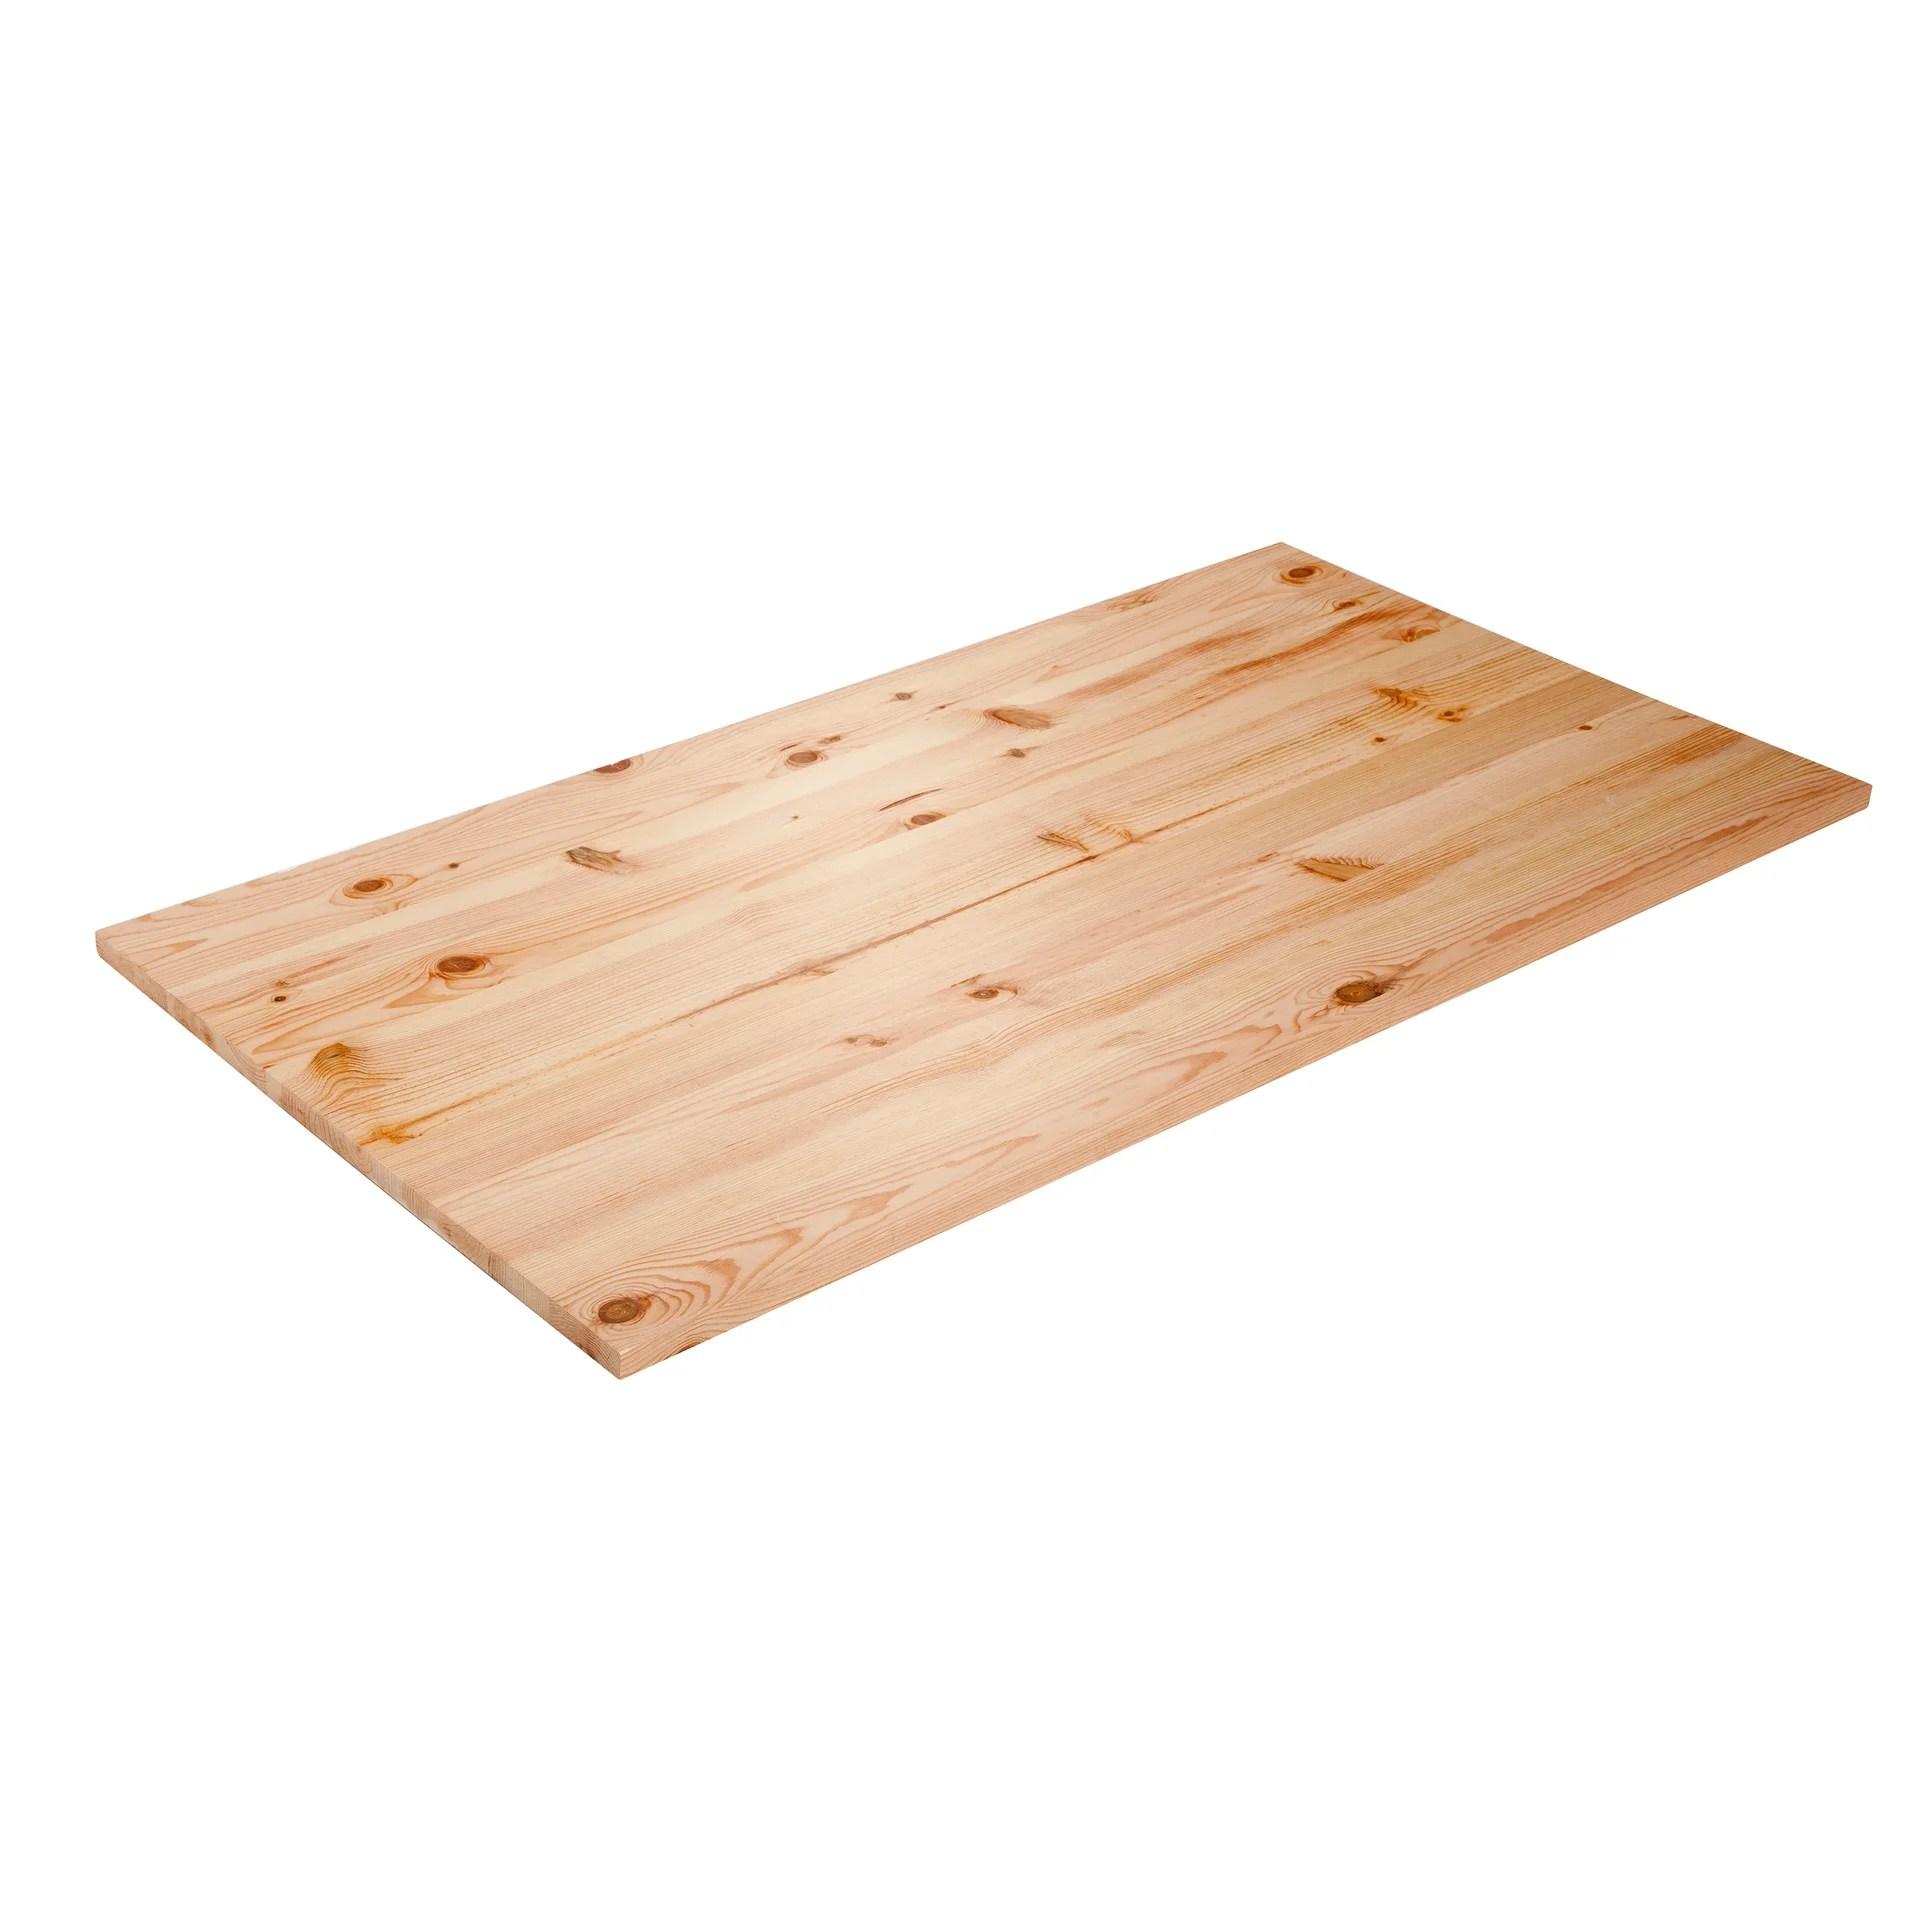 plateau de table pin l 150 x l 80 cm x ep 26 mm